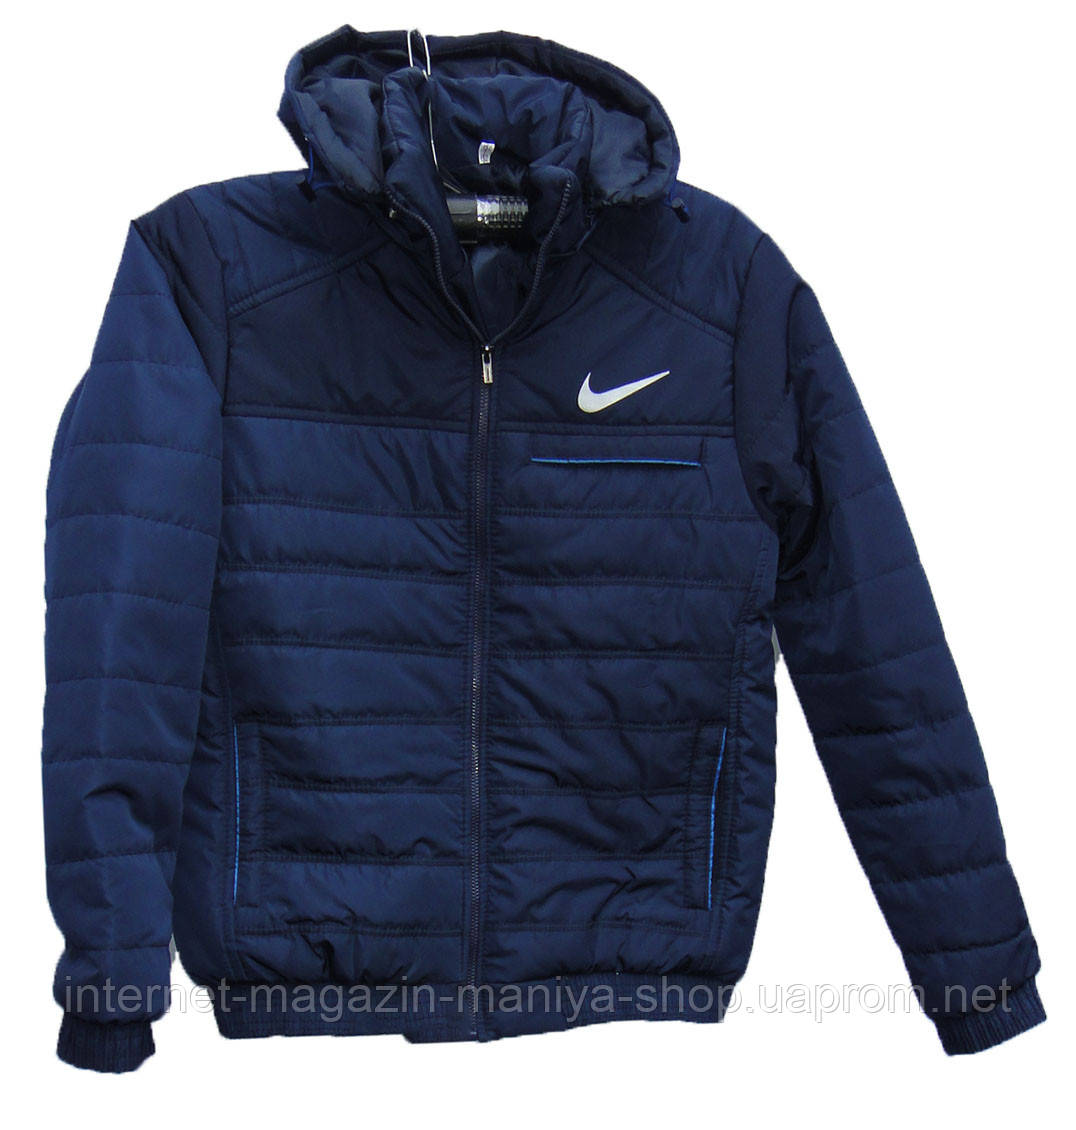 7bc4a677 Куртка мужская 2 с капюшоном Nike батал (деми) - купить по лучшей ...